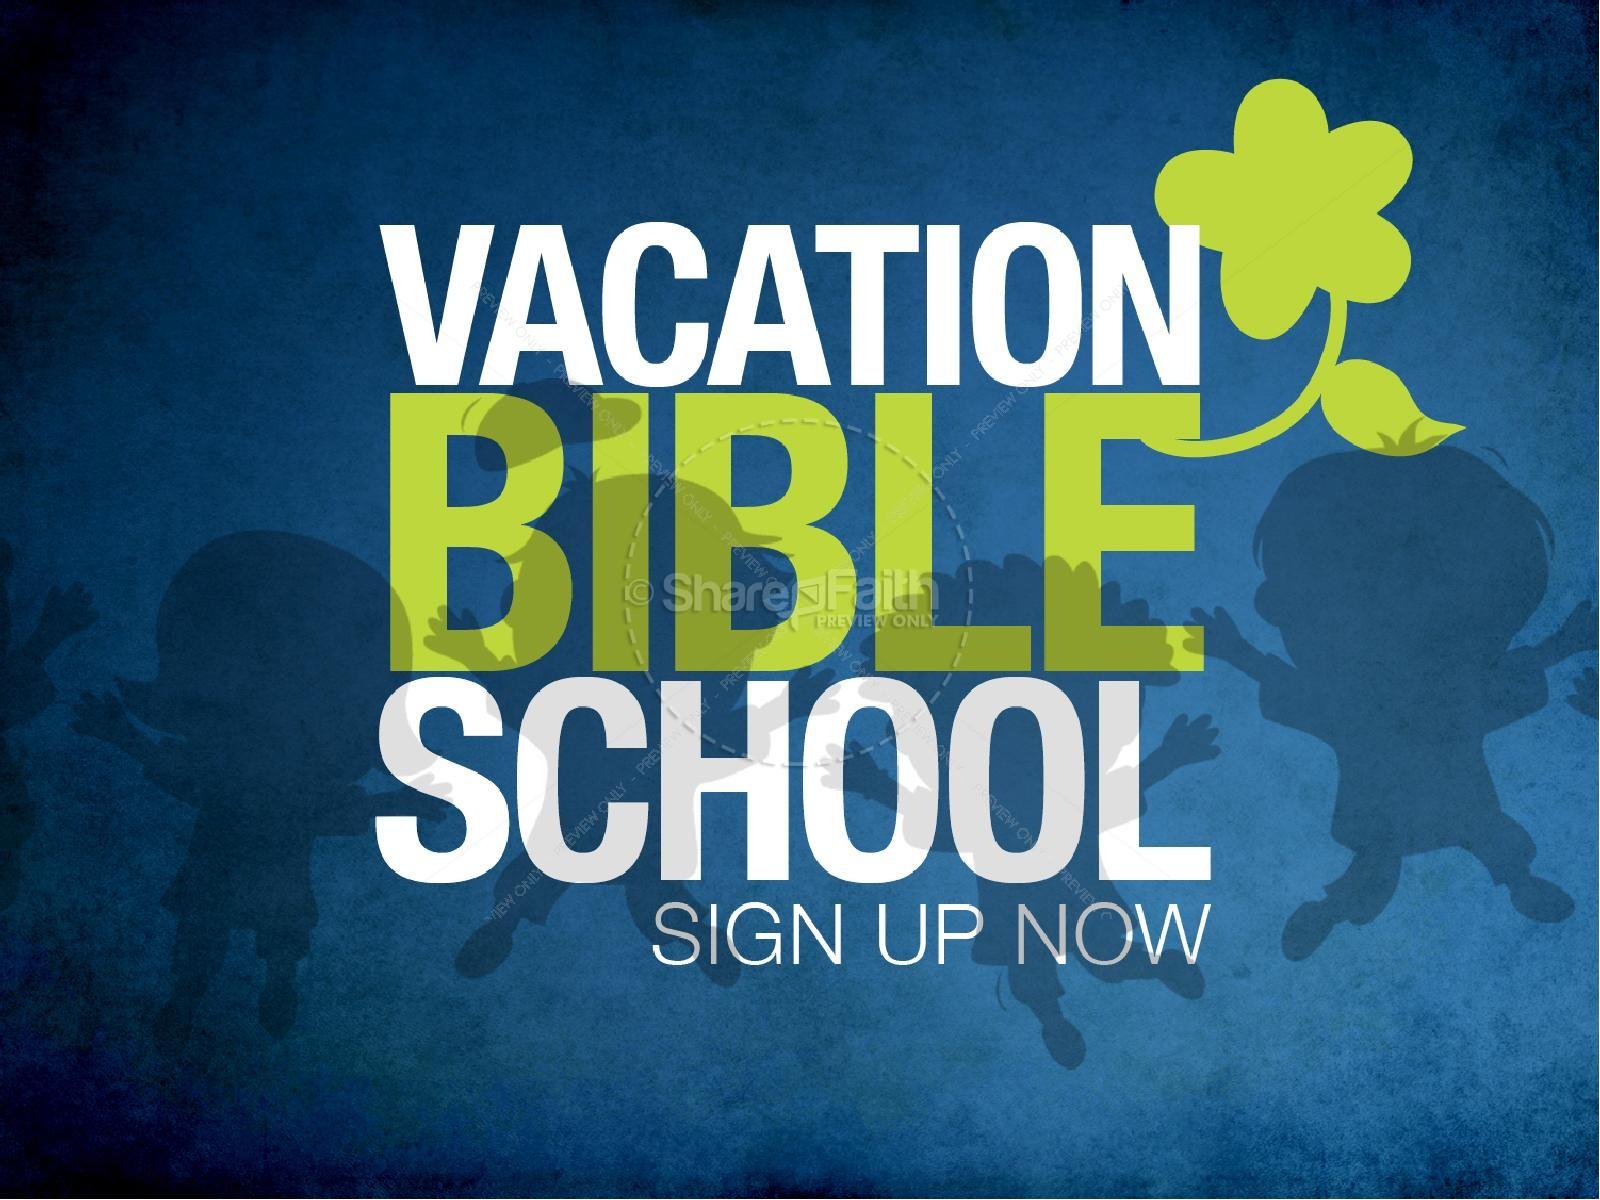 Vacation bible school powerpoint template powerpoint sermons vacation bible school powerpoint template toneelgroepblik Images